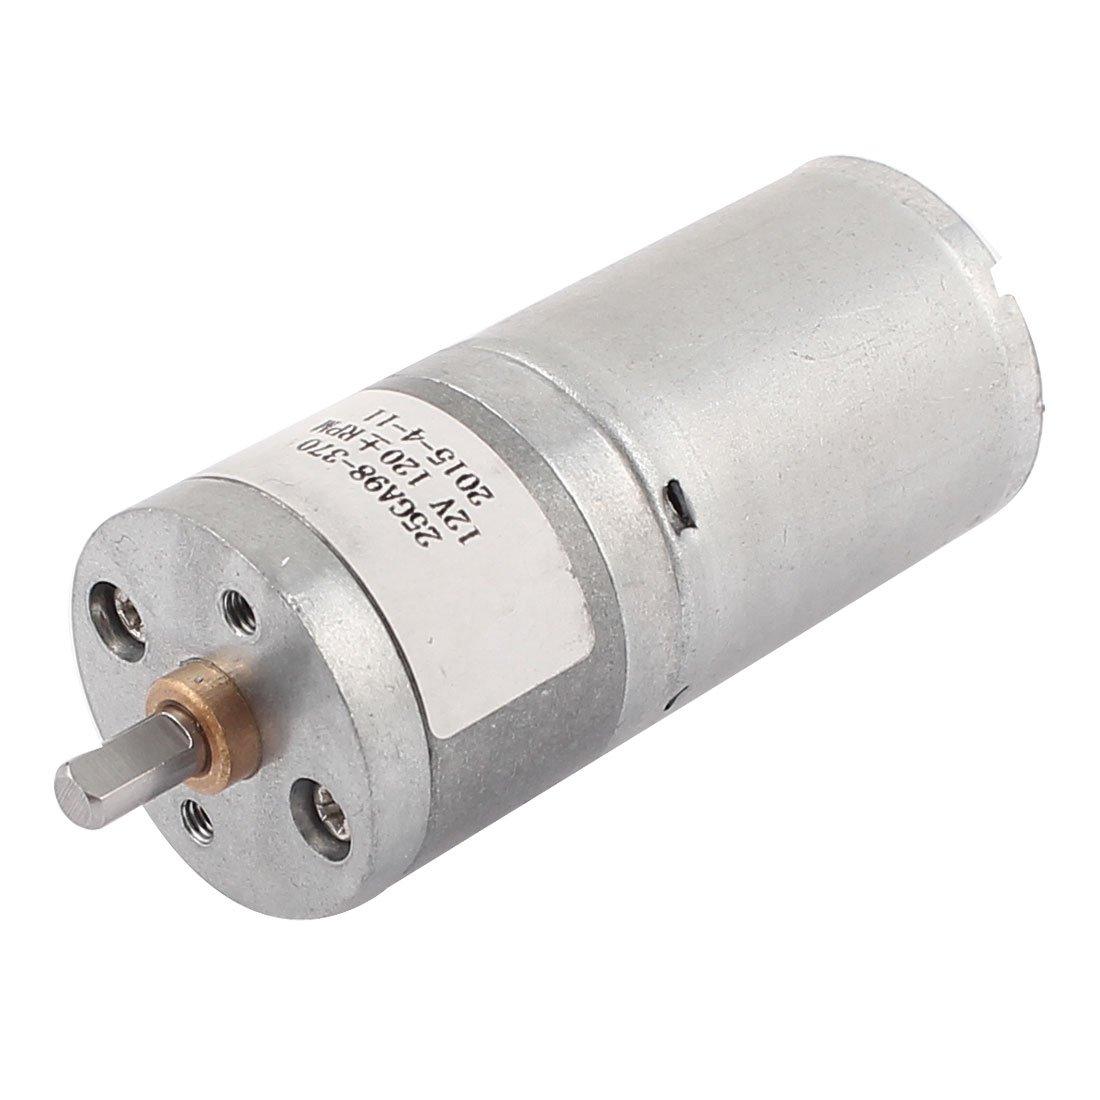 sourcingmap® Motor de engranajes cilíndricos de soldadura DC 12V 120rpm baja velocidad 2 terminal: Amazon.es: Electrónica